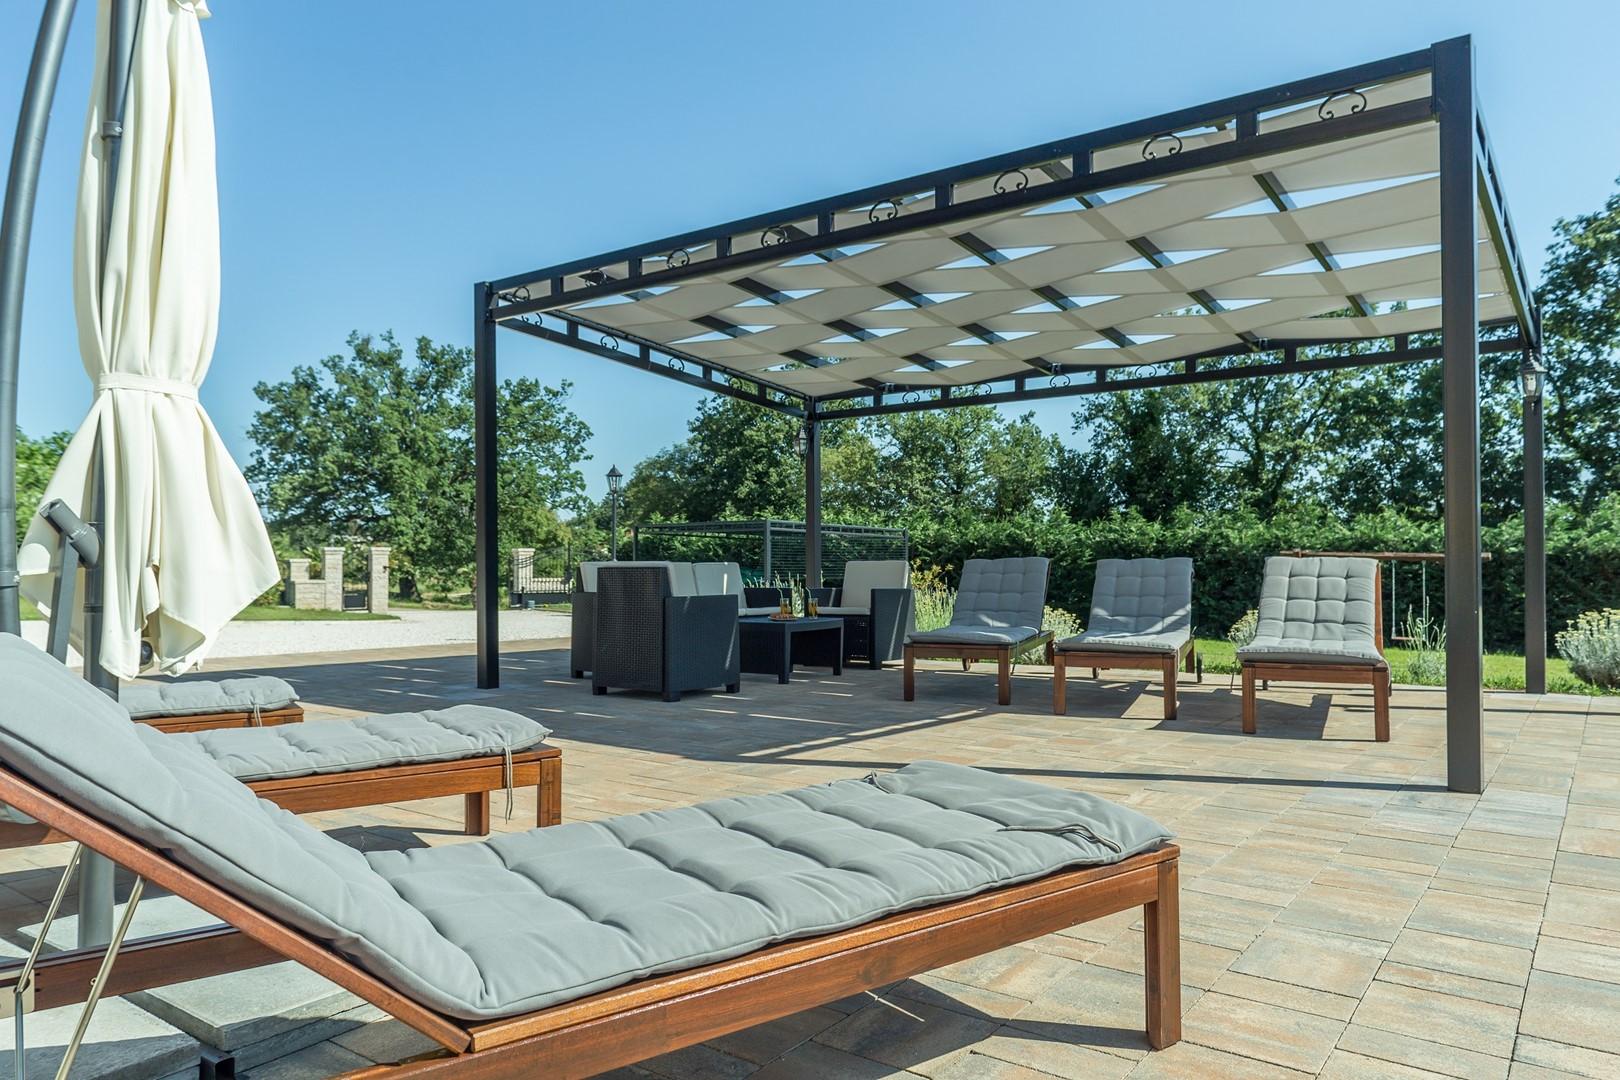 Ferienhaus Villa Elida mit Pool in abgelegene Lage - Zentral-Istrien (2789996), Pazin, , Istrien, Kroatien, Bild 33